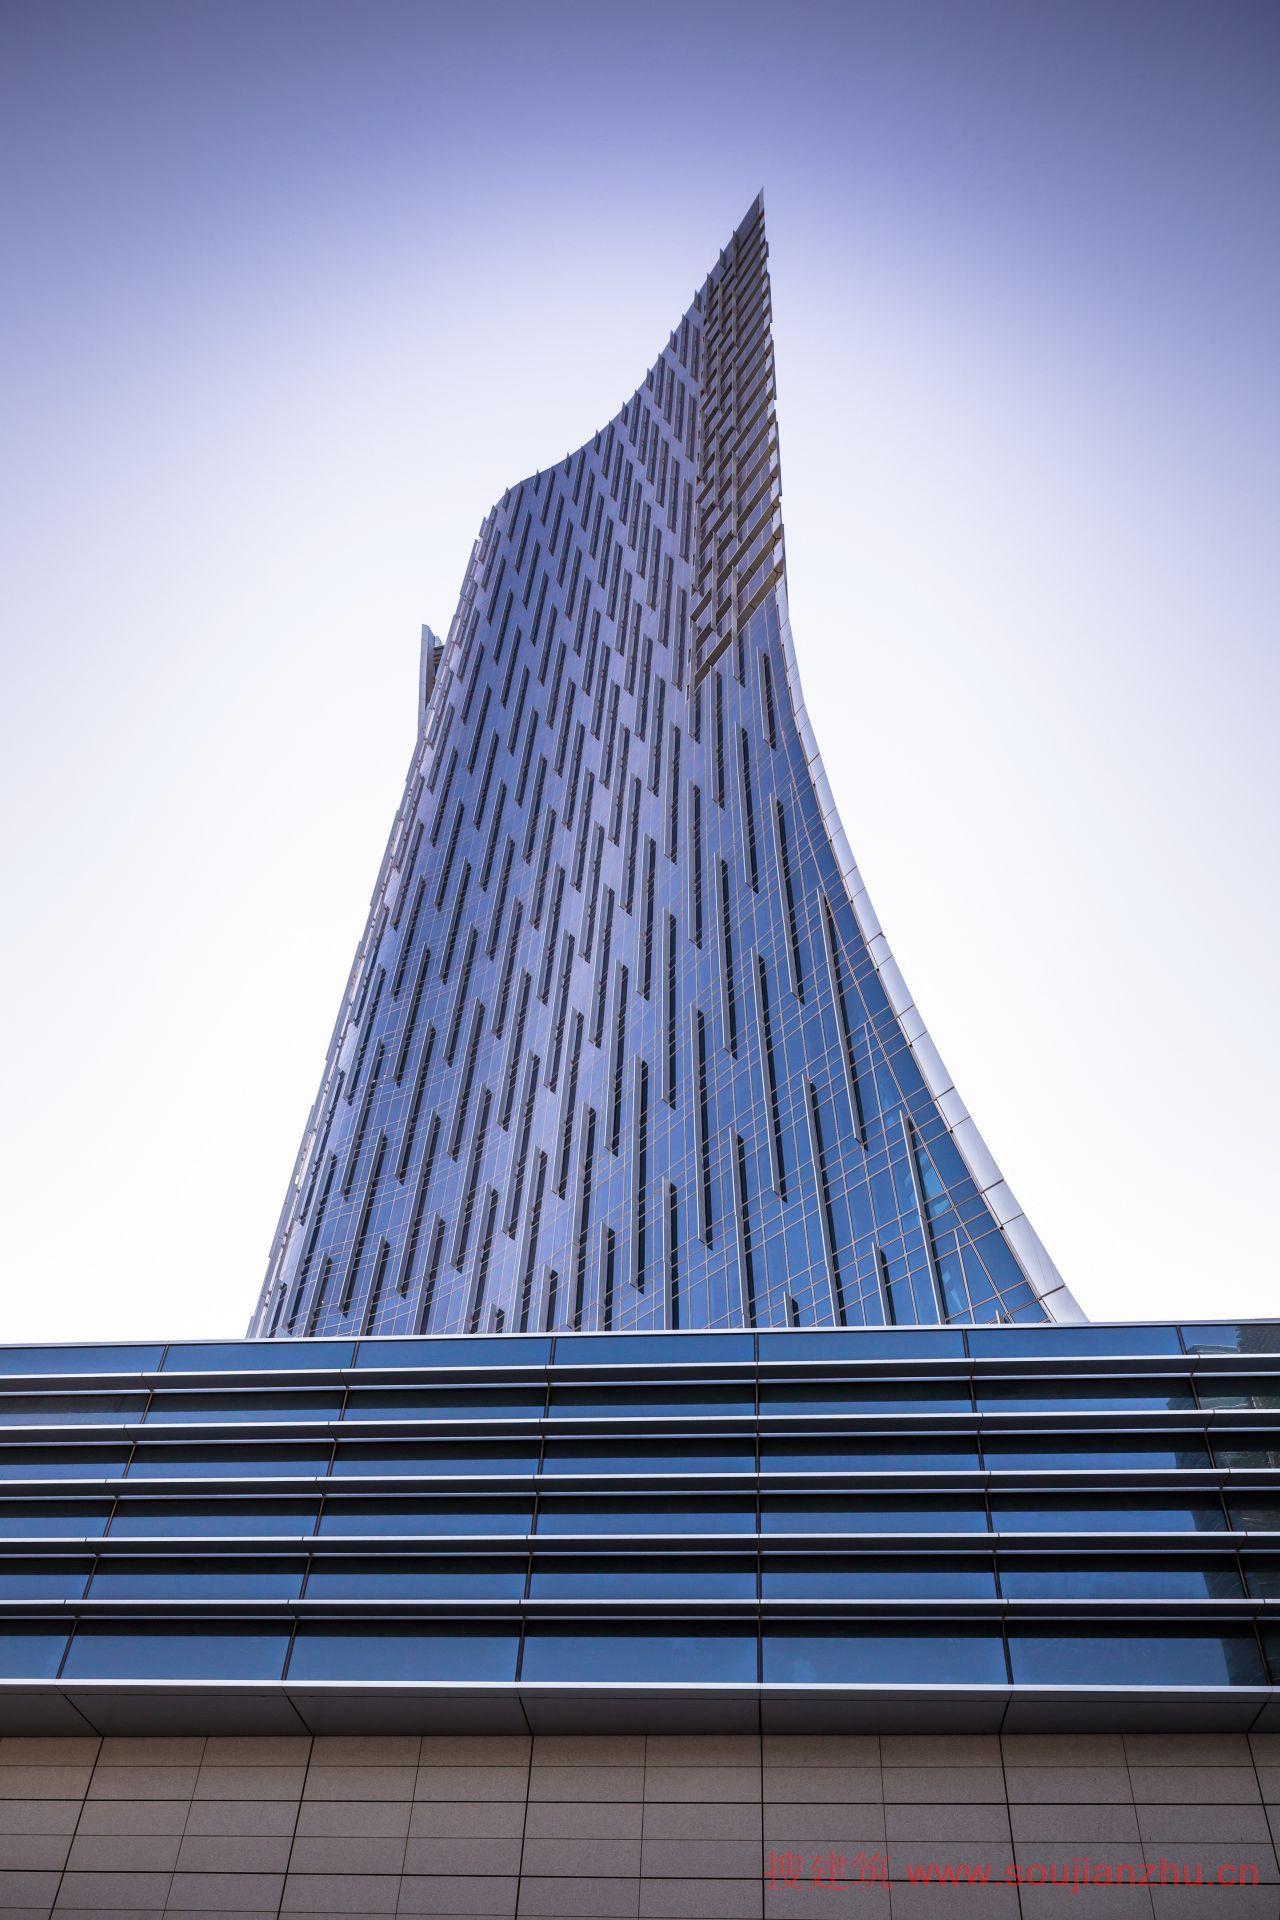 2013建筑面积规范_搜建筑网 -- 阿联酋·阿布扎比Rosewood大楼---Handel Architects